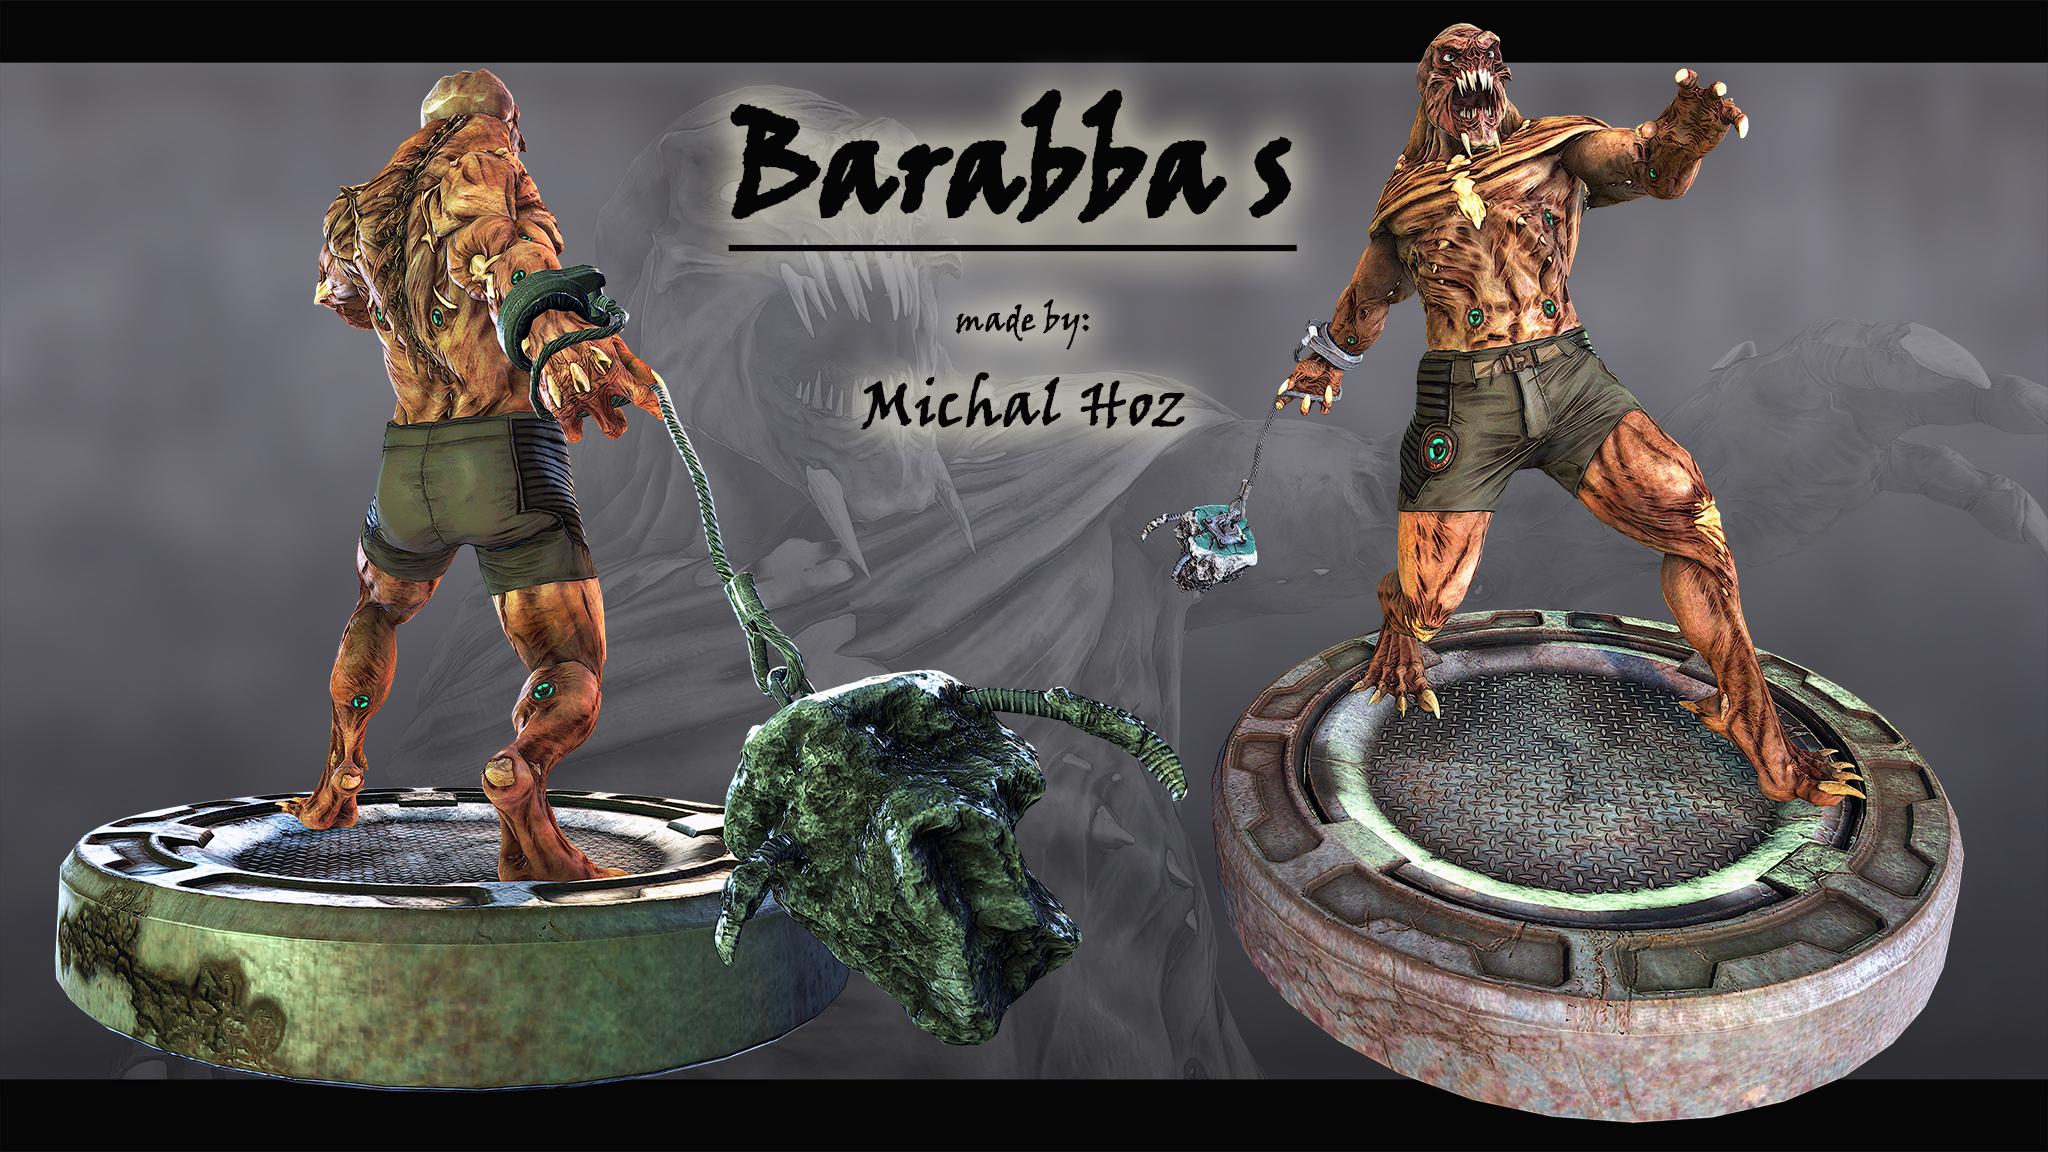 barabas___next_gen_resolution_by_michalhoz-d6wr1cu.jpg